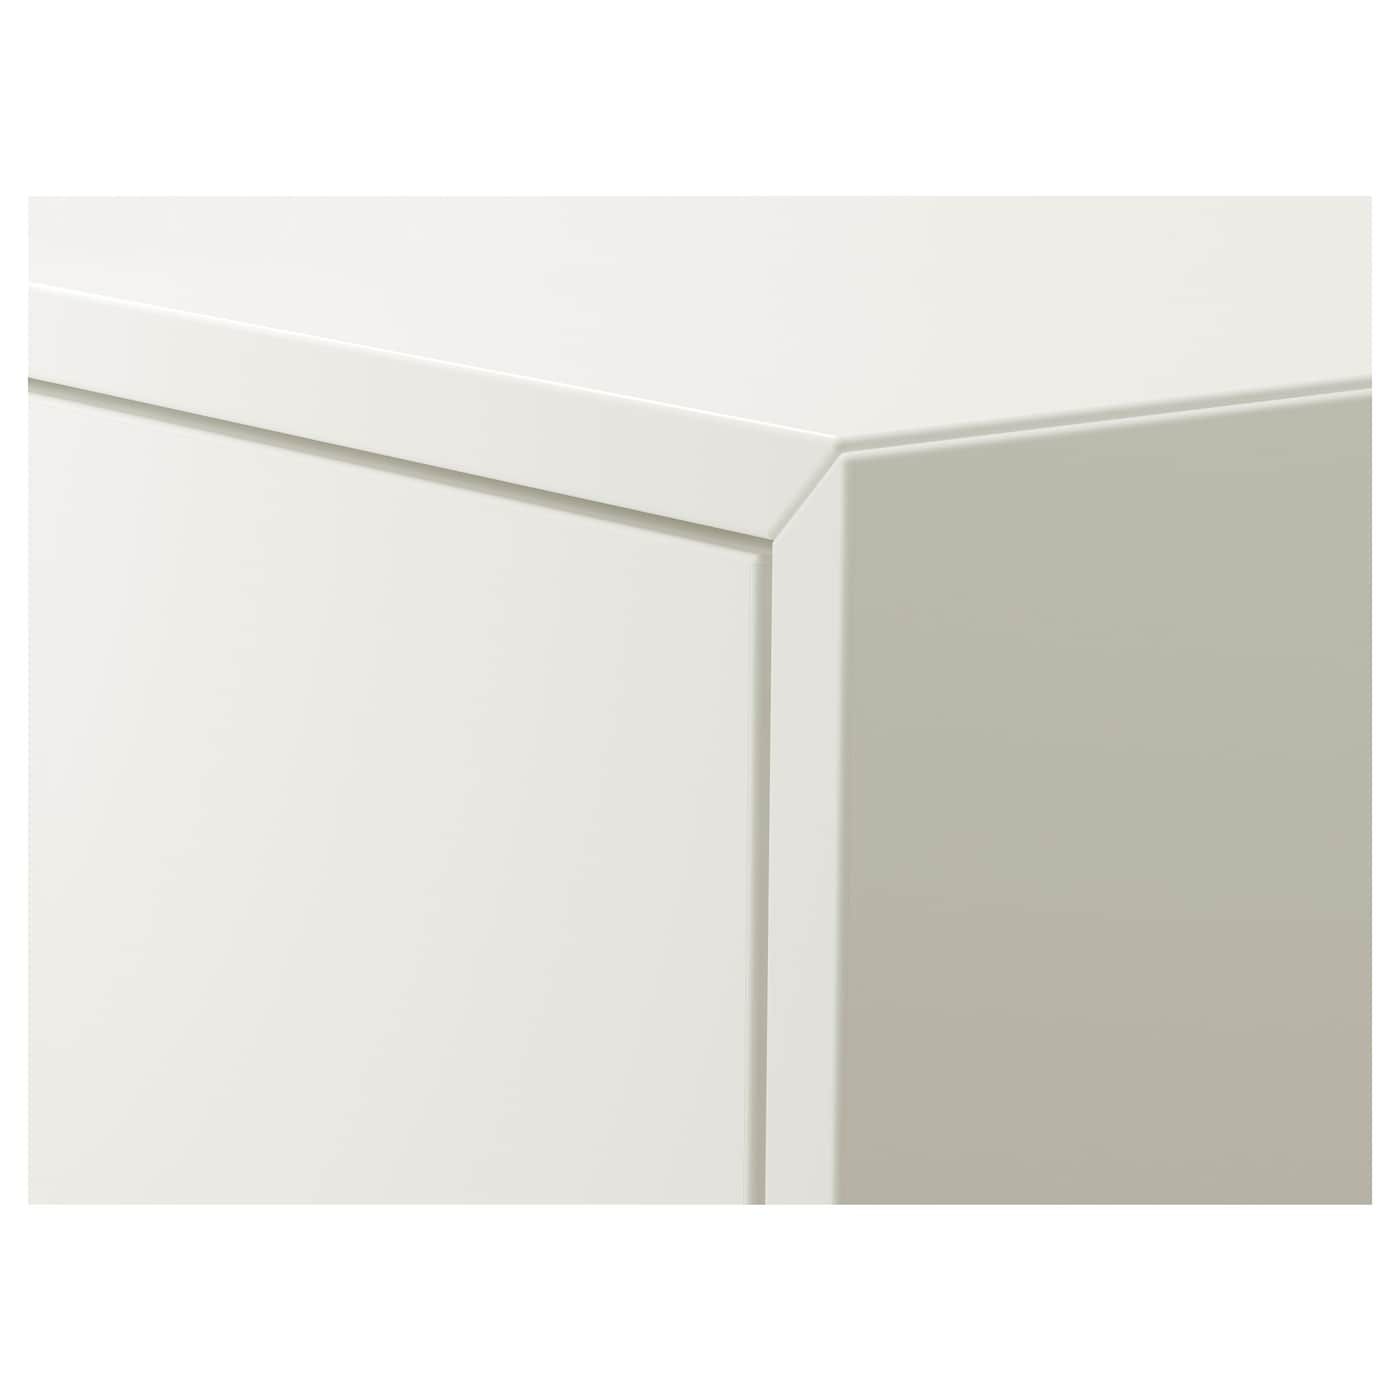 eket kastencombinatie voor wandmontage veelkleurig. Black Bedroom Furniture Sets. Home Design Ideas